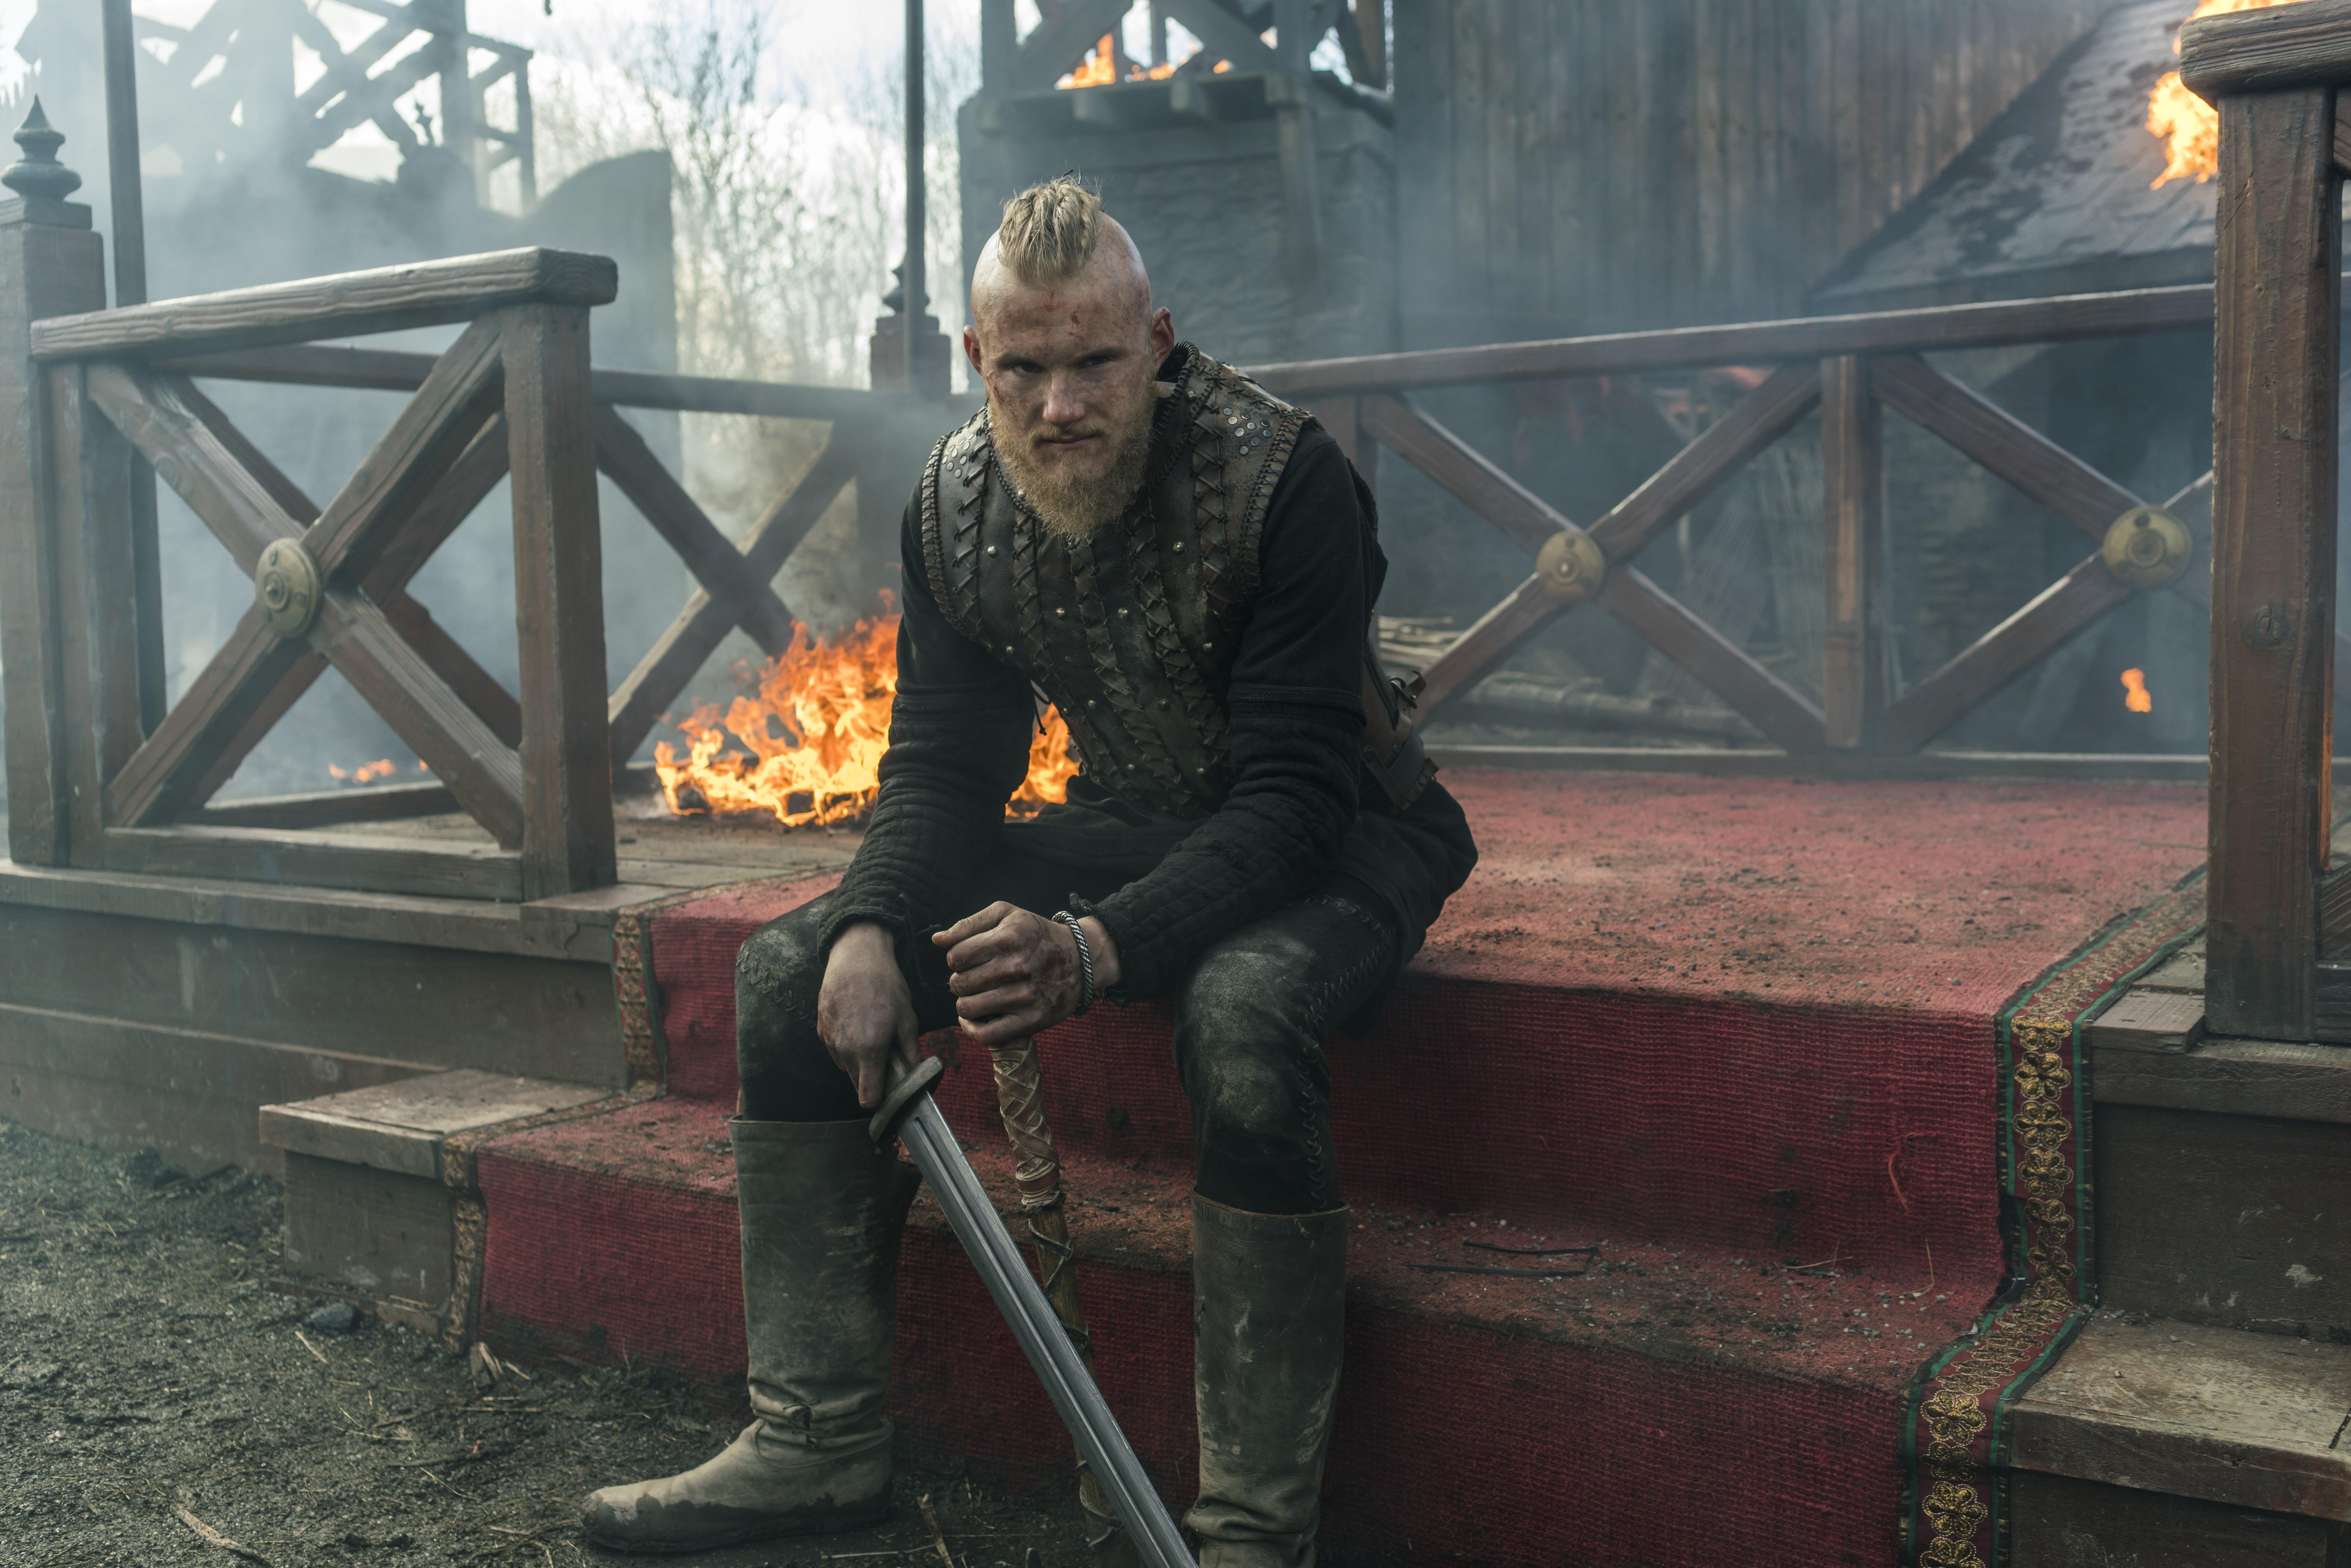 Bjorn Vikings season 5